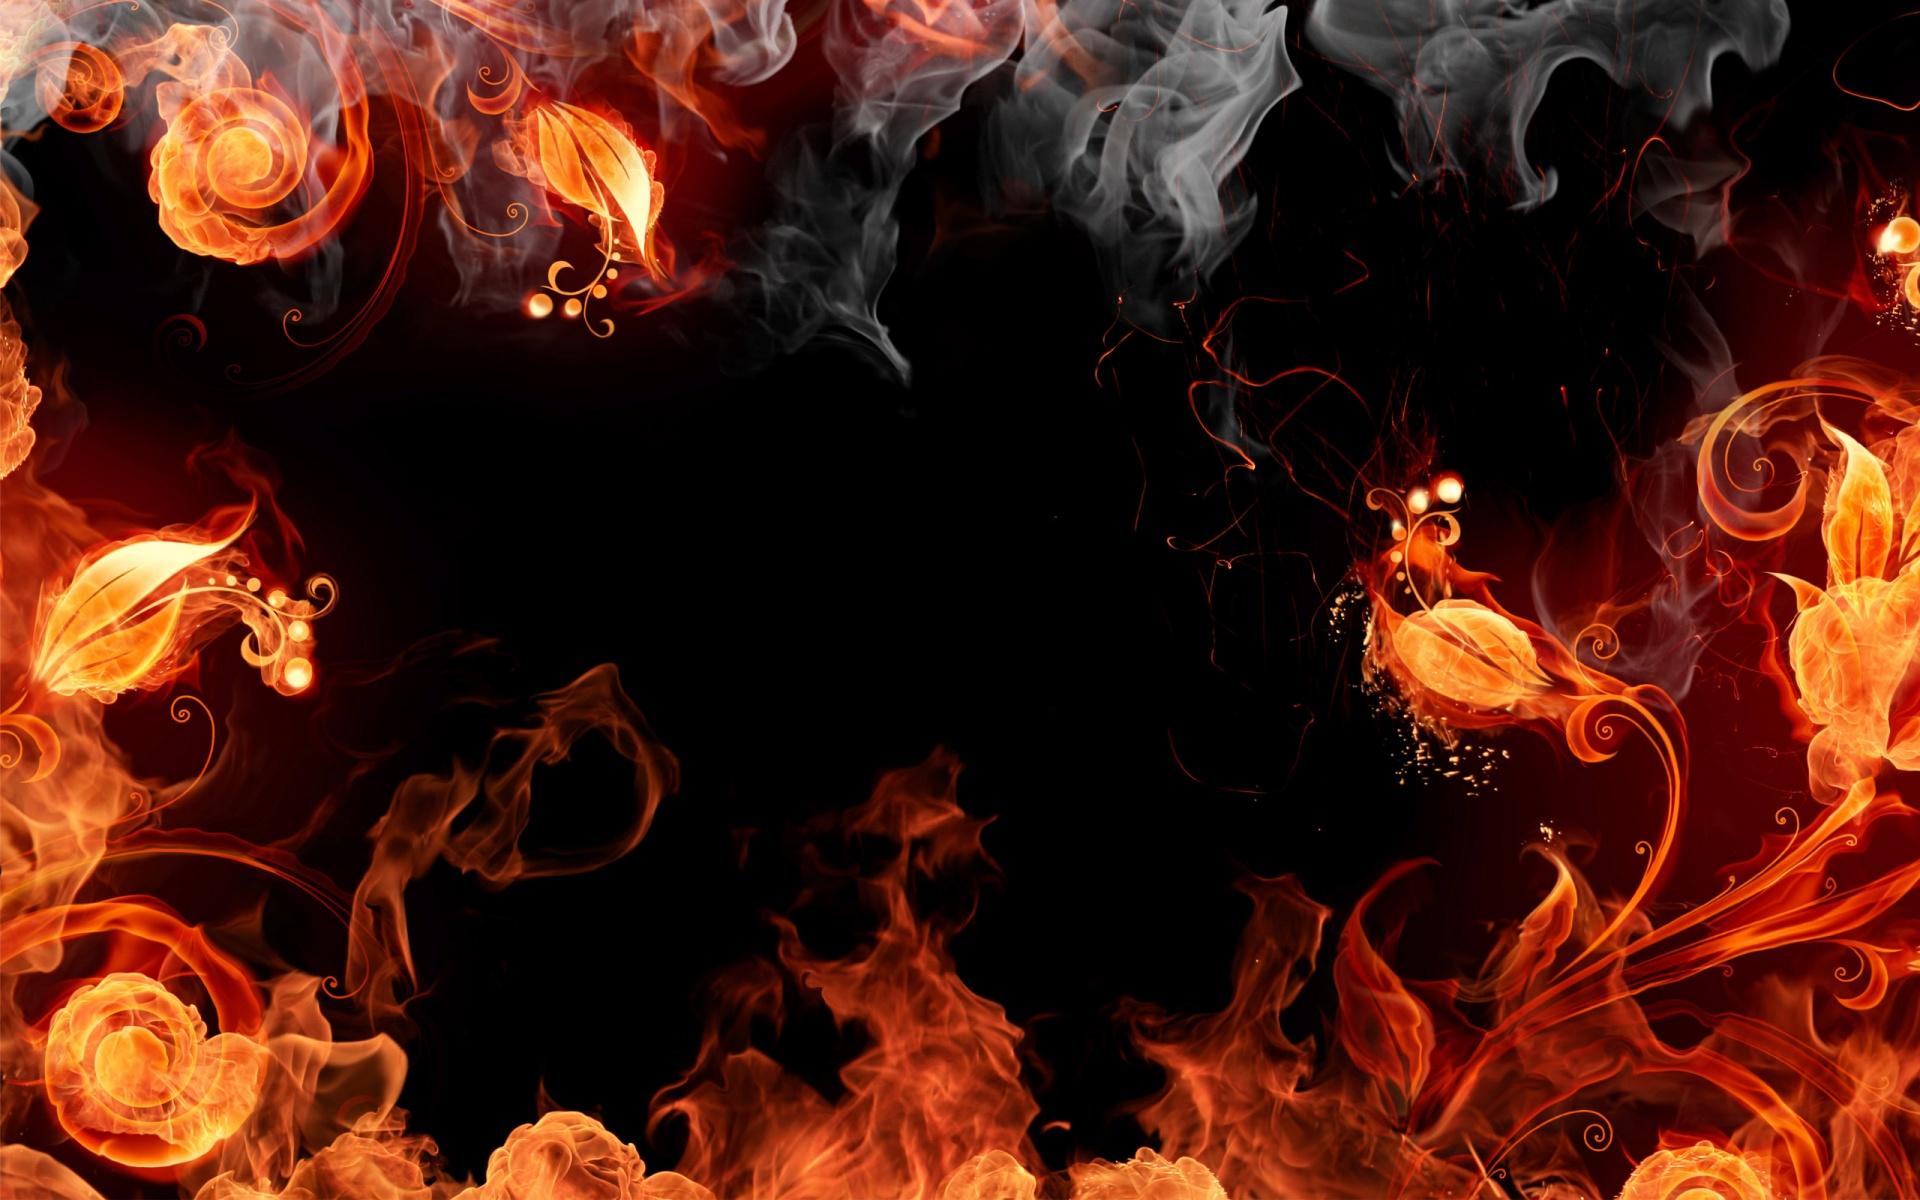 Digital Fire [1920x1200] wallpaper 1920x1200